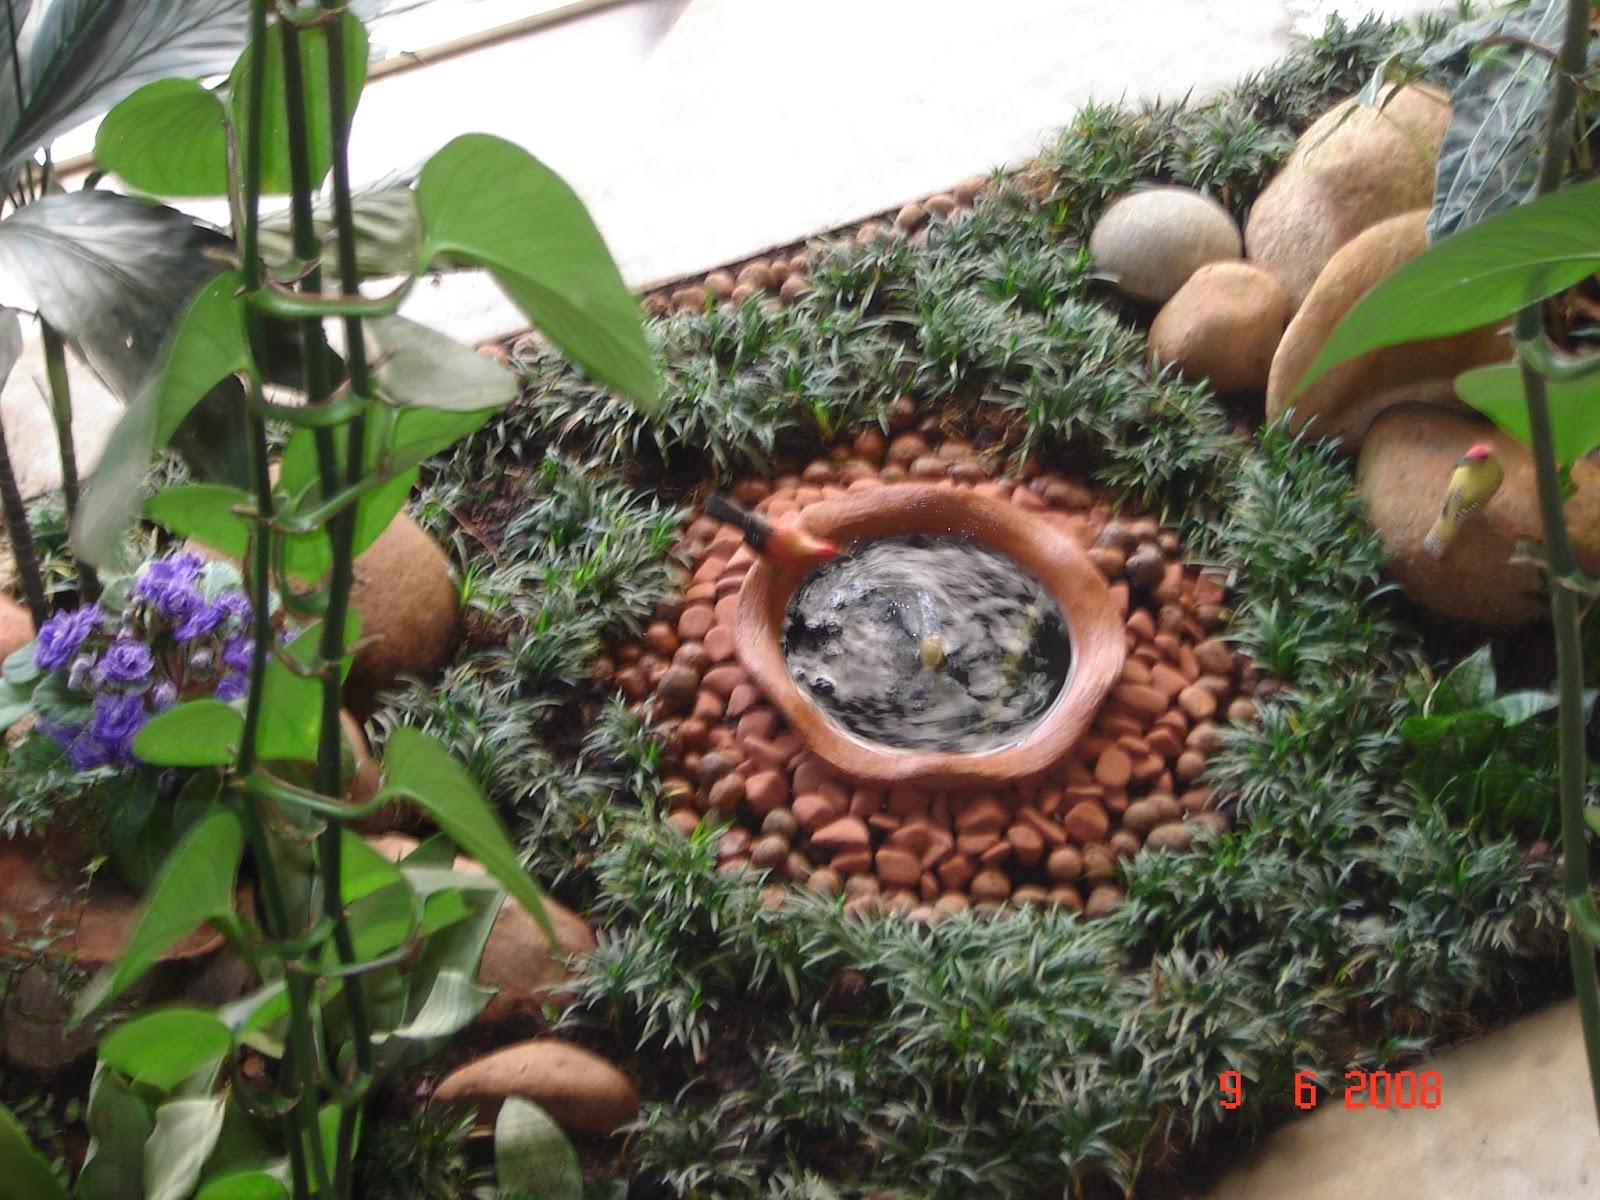 Perfil da planta orqu deas hist rias e plantas not veis for 5 jardins de lucie